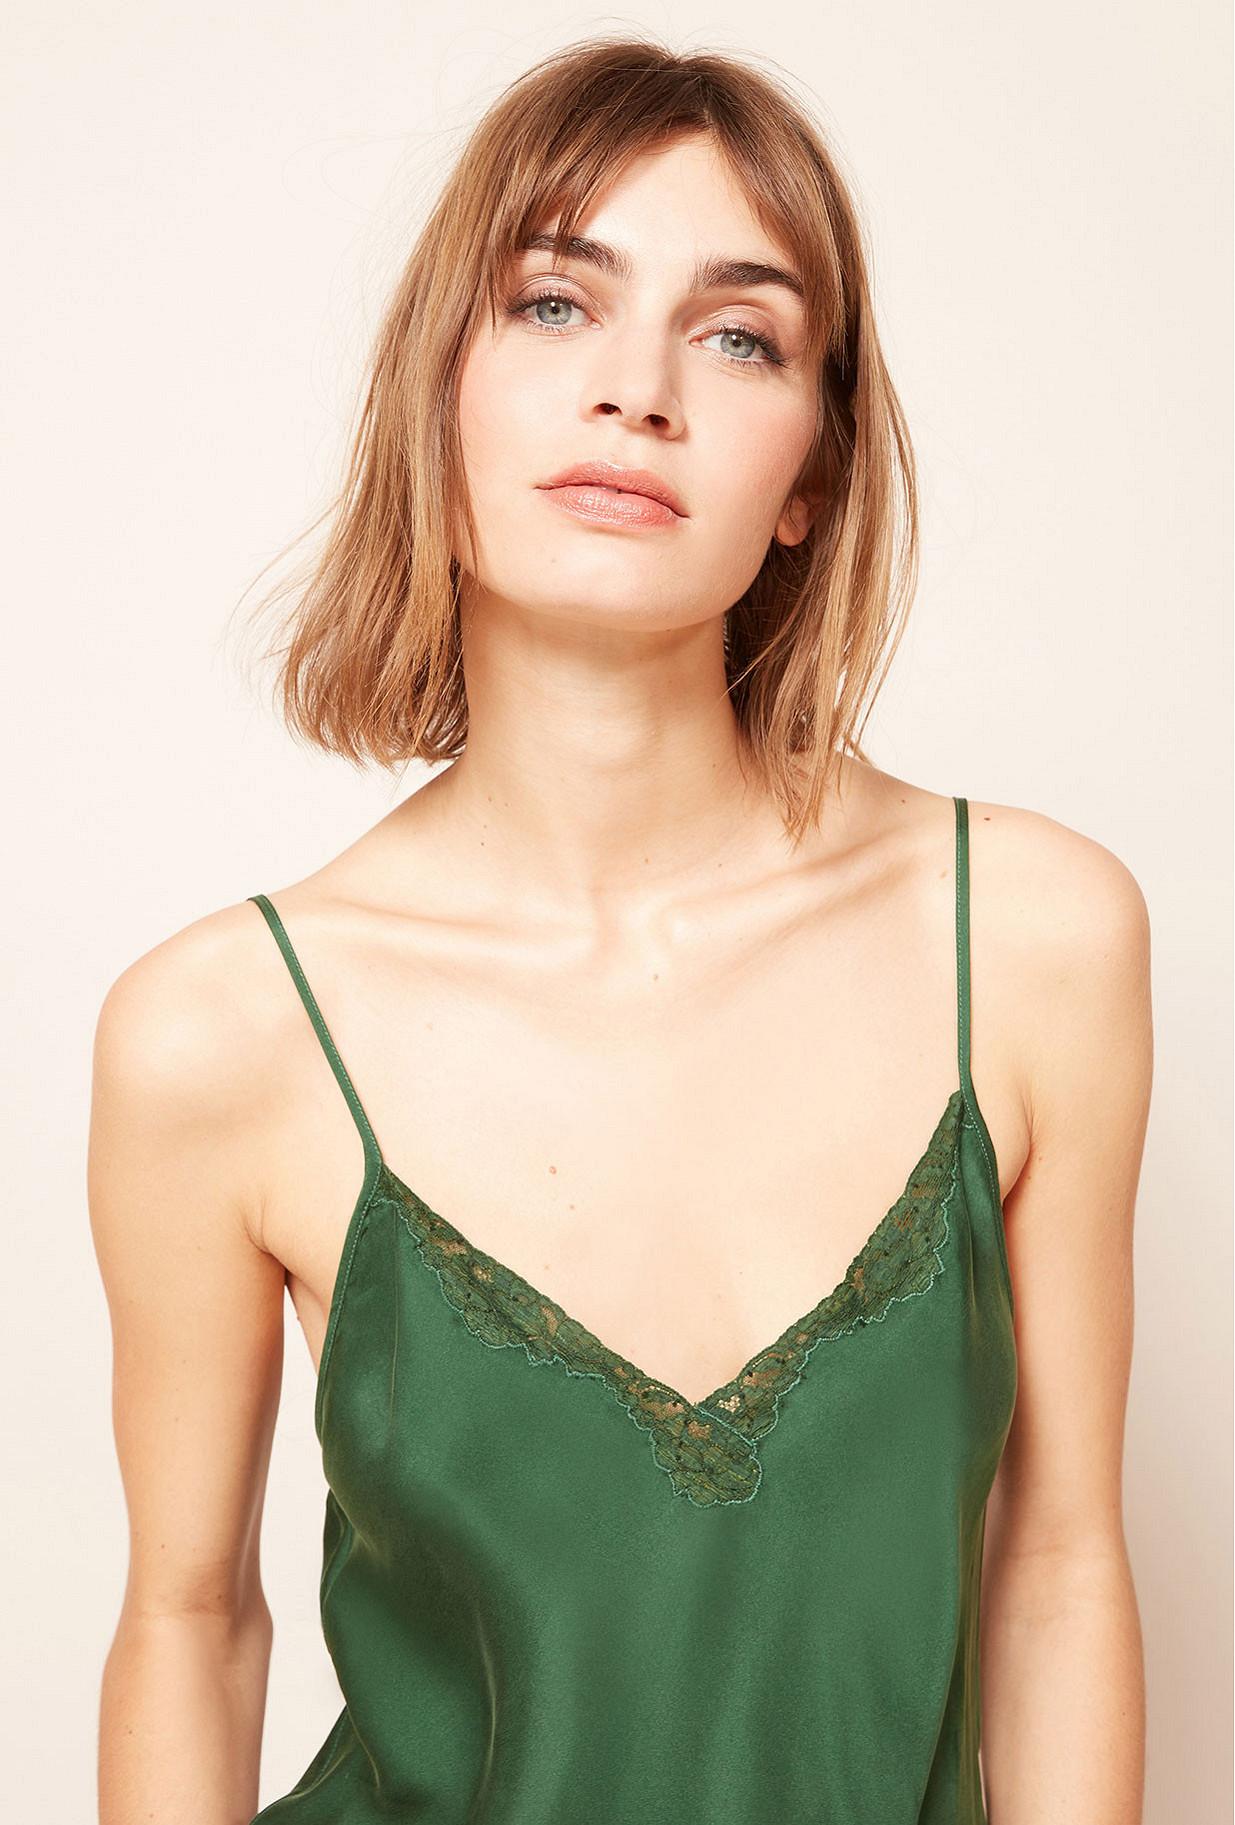 Paris boutique de mode vêtement Top créateur bohème  Angie